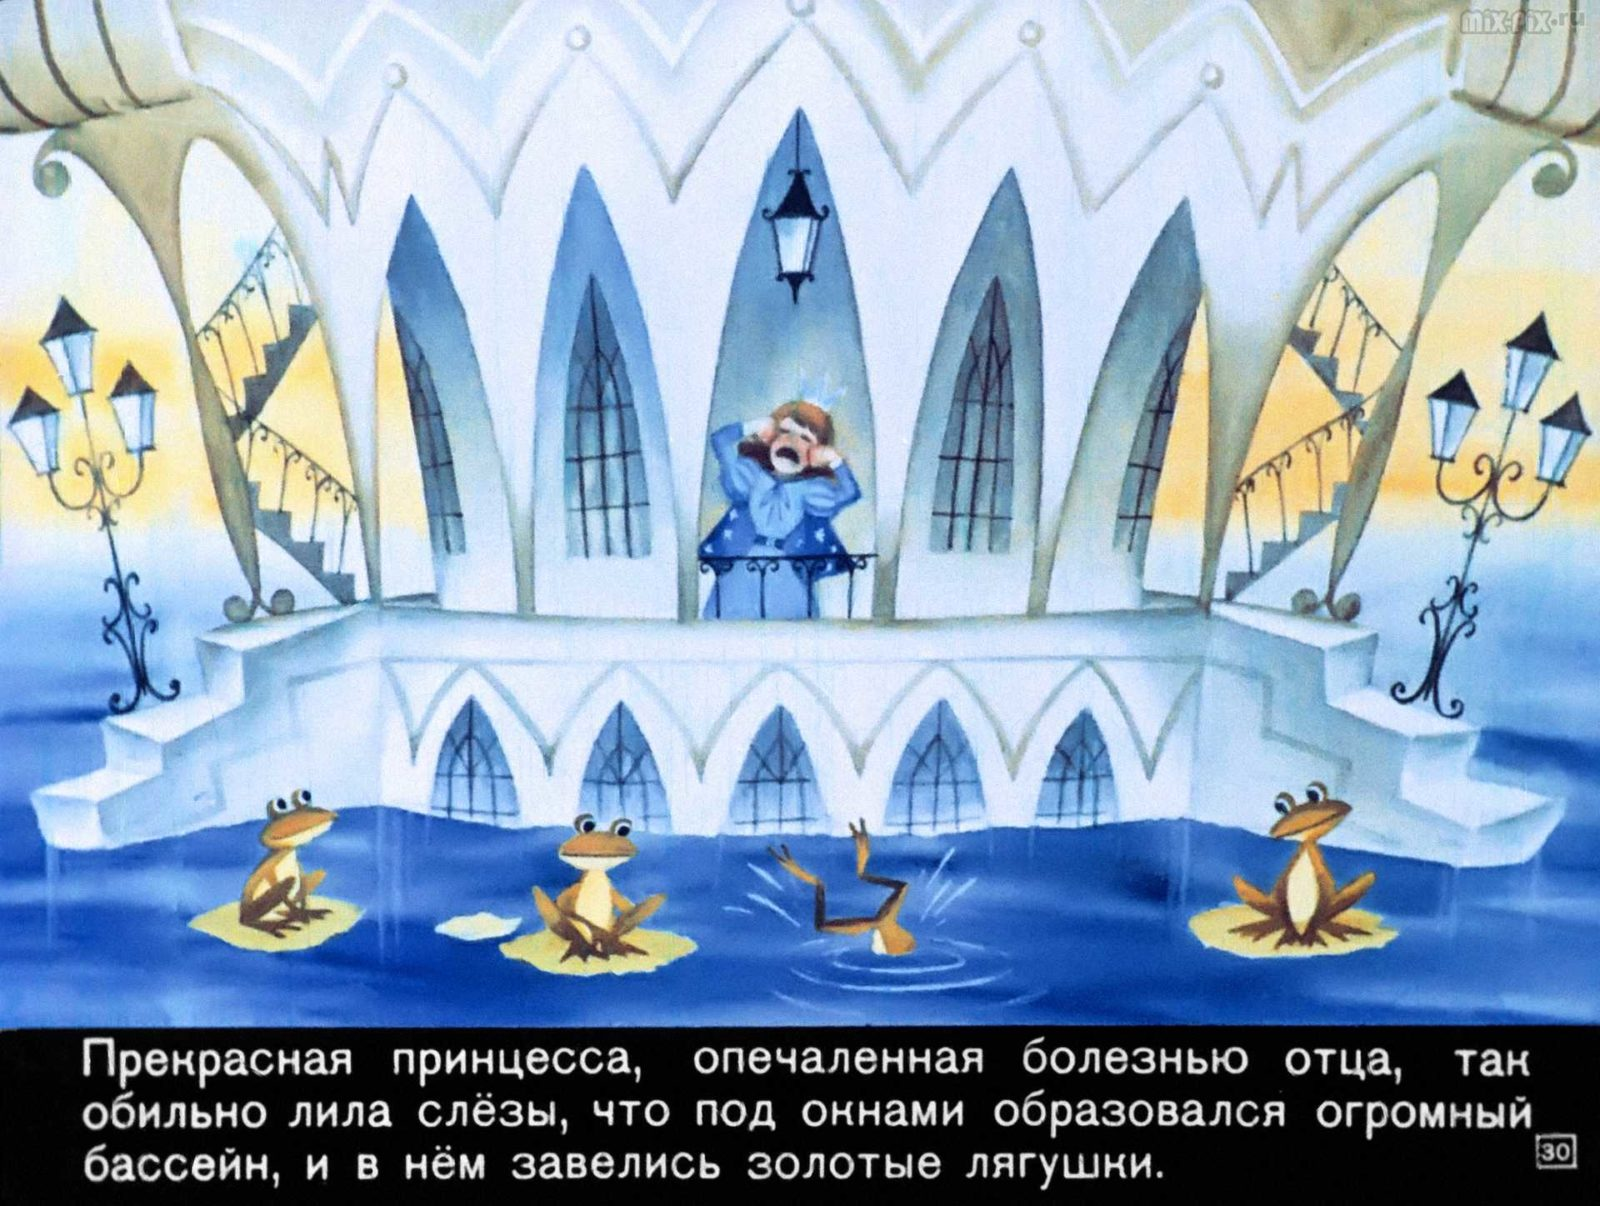 Сапожник Копытко и утка Кря (1972) 37